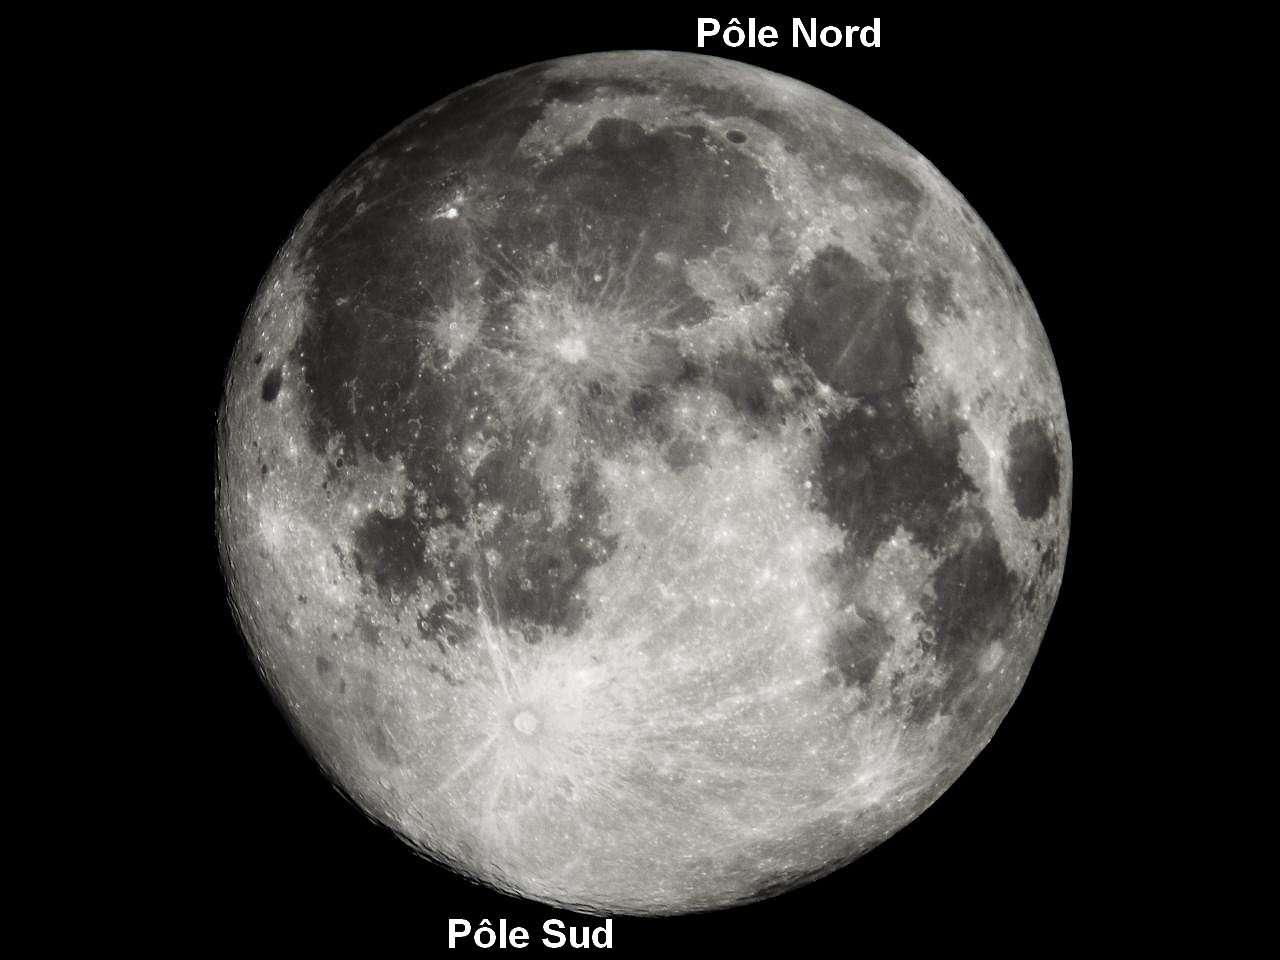 Le pôle sud lunaire devrait être particulièrement surveillé dans les heures qui viennent par tous les passionnés d'astronomie ! Crédit Yachon, son pseudo sur le forum d'astronomie de Futura-Sciences